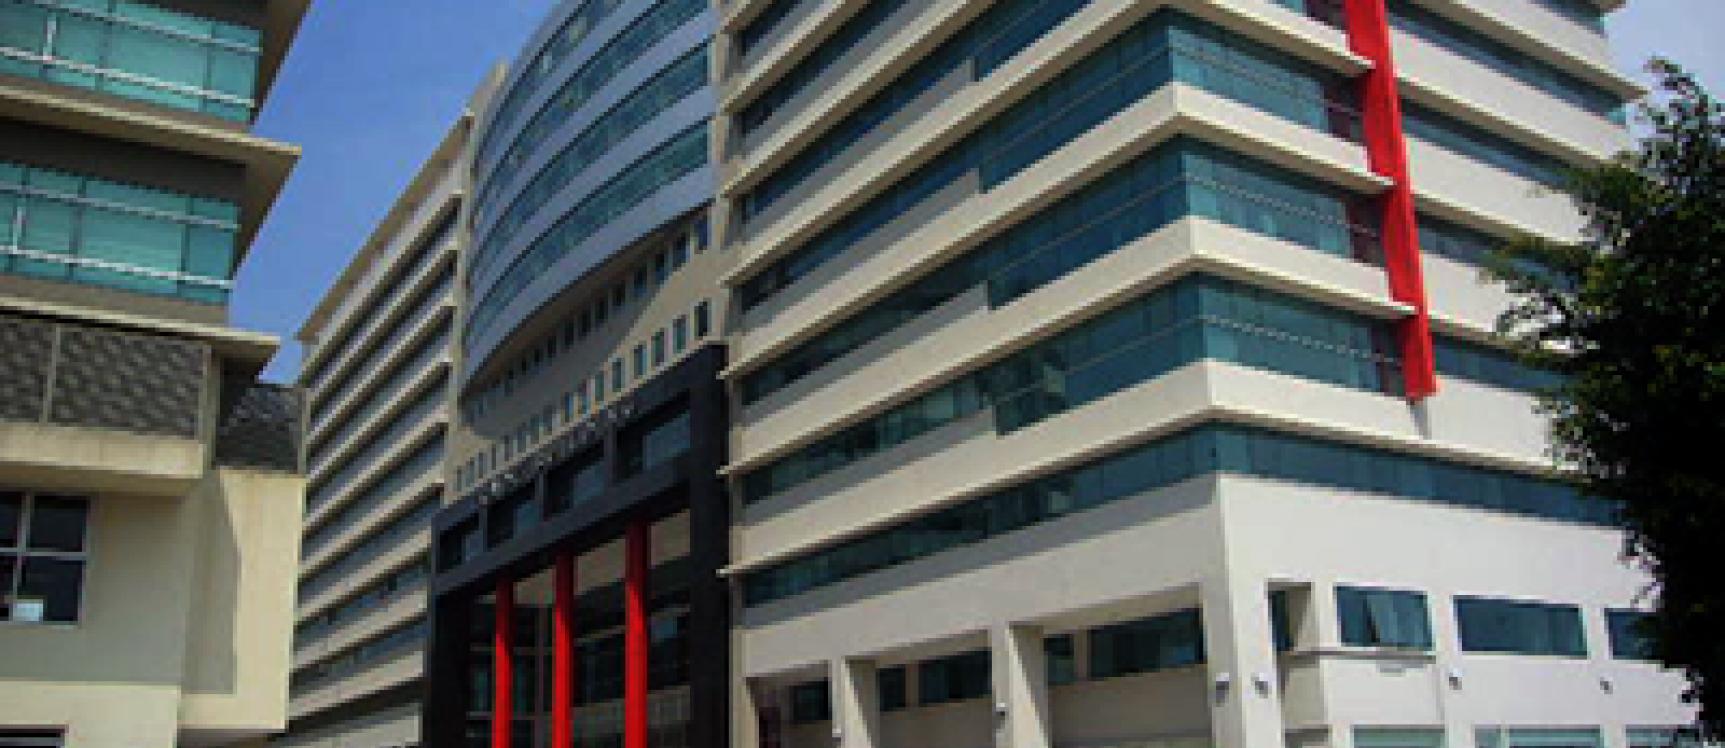 GeoBienes - Oficina de 33 m2 en Venta sector Mall del Sol Guayaquil - Plusvalia Guayaquil Casas de venta y alquiler Inmobiliaria Ecuador